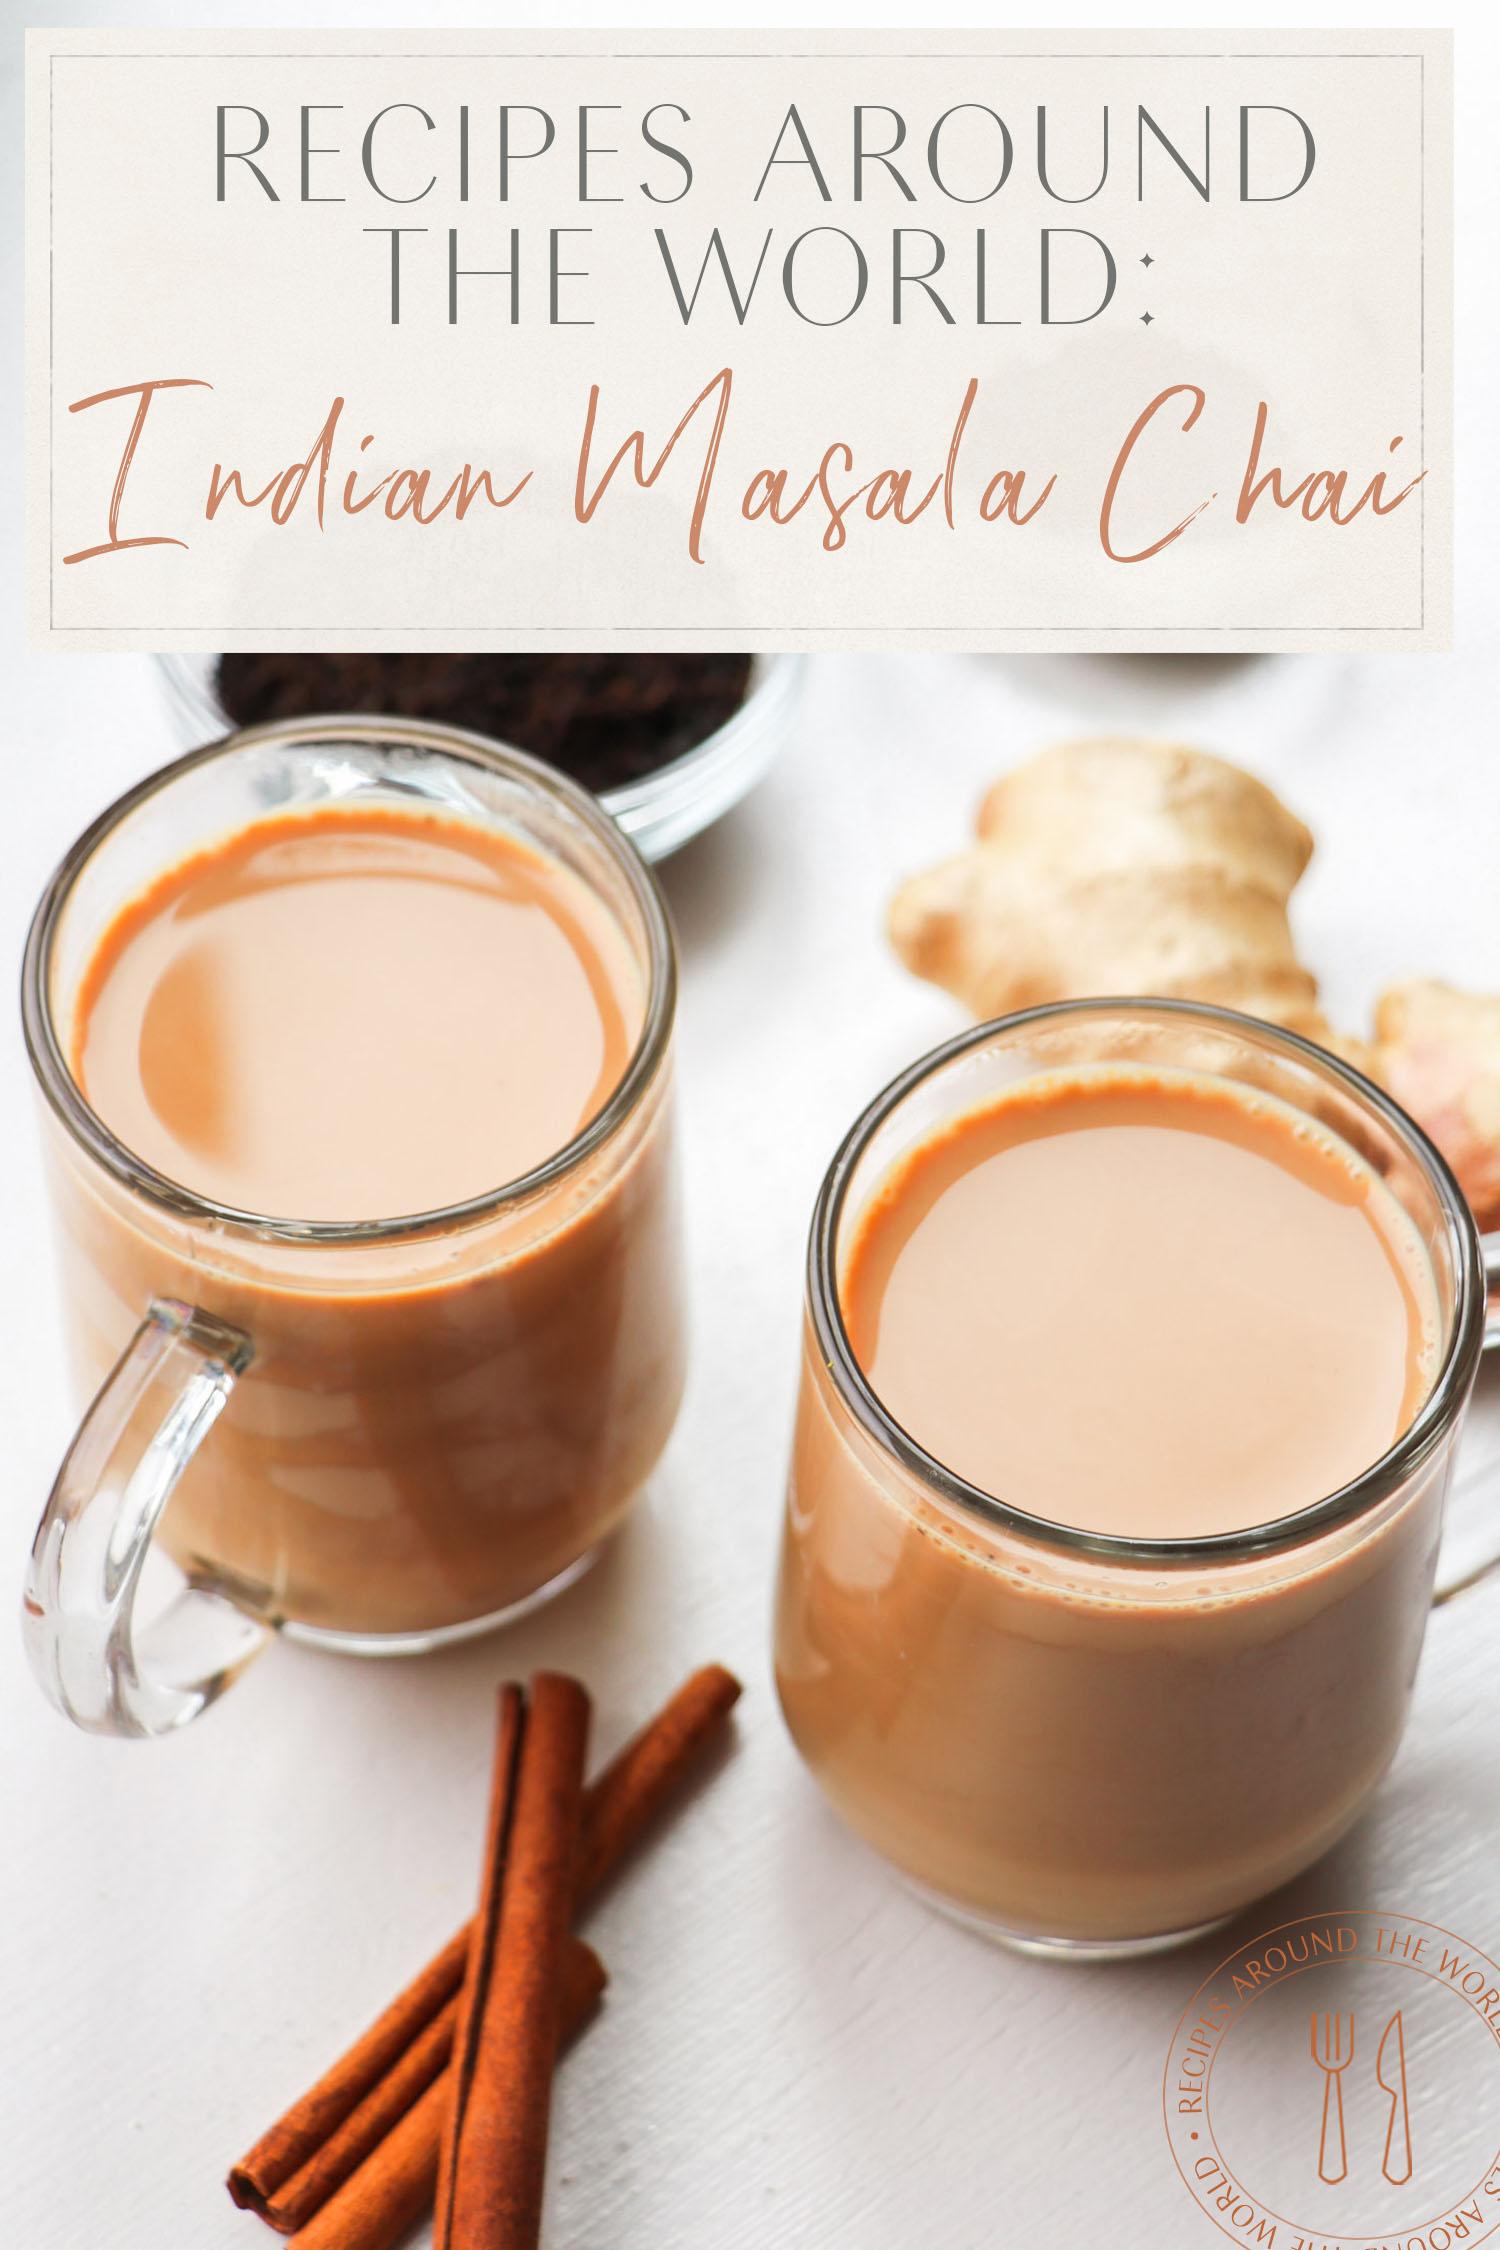 receita indiana masala chai